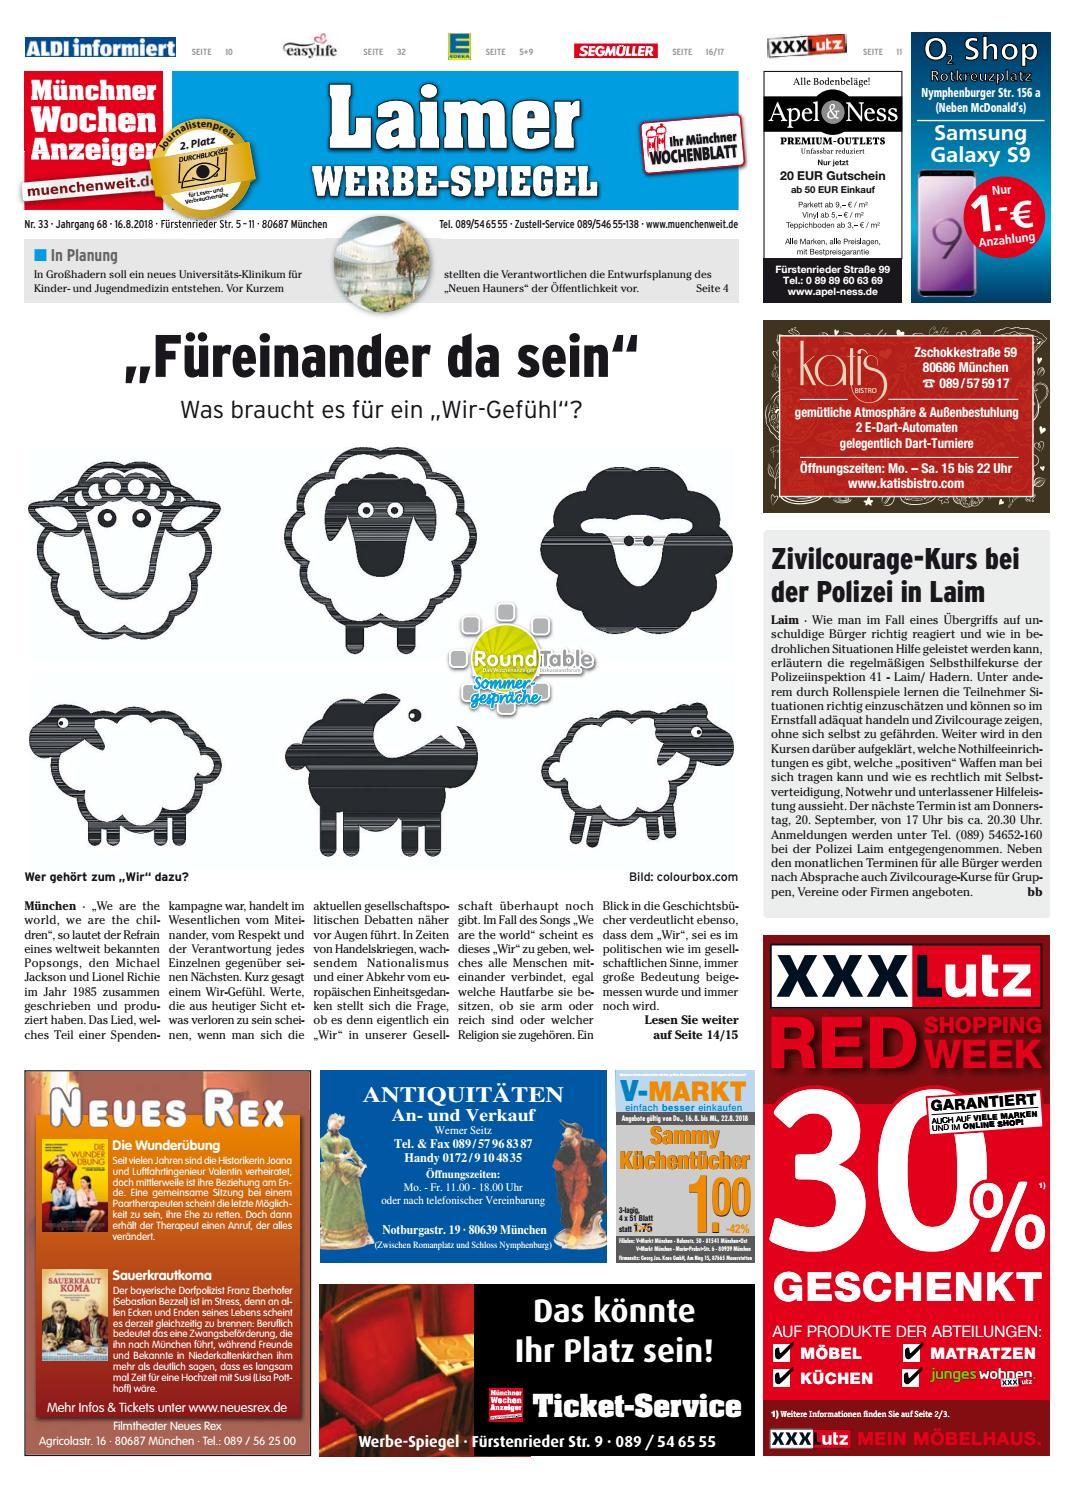 KW 33-2018 by Wochenanzeiger Medien GmbH - issuu